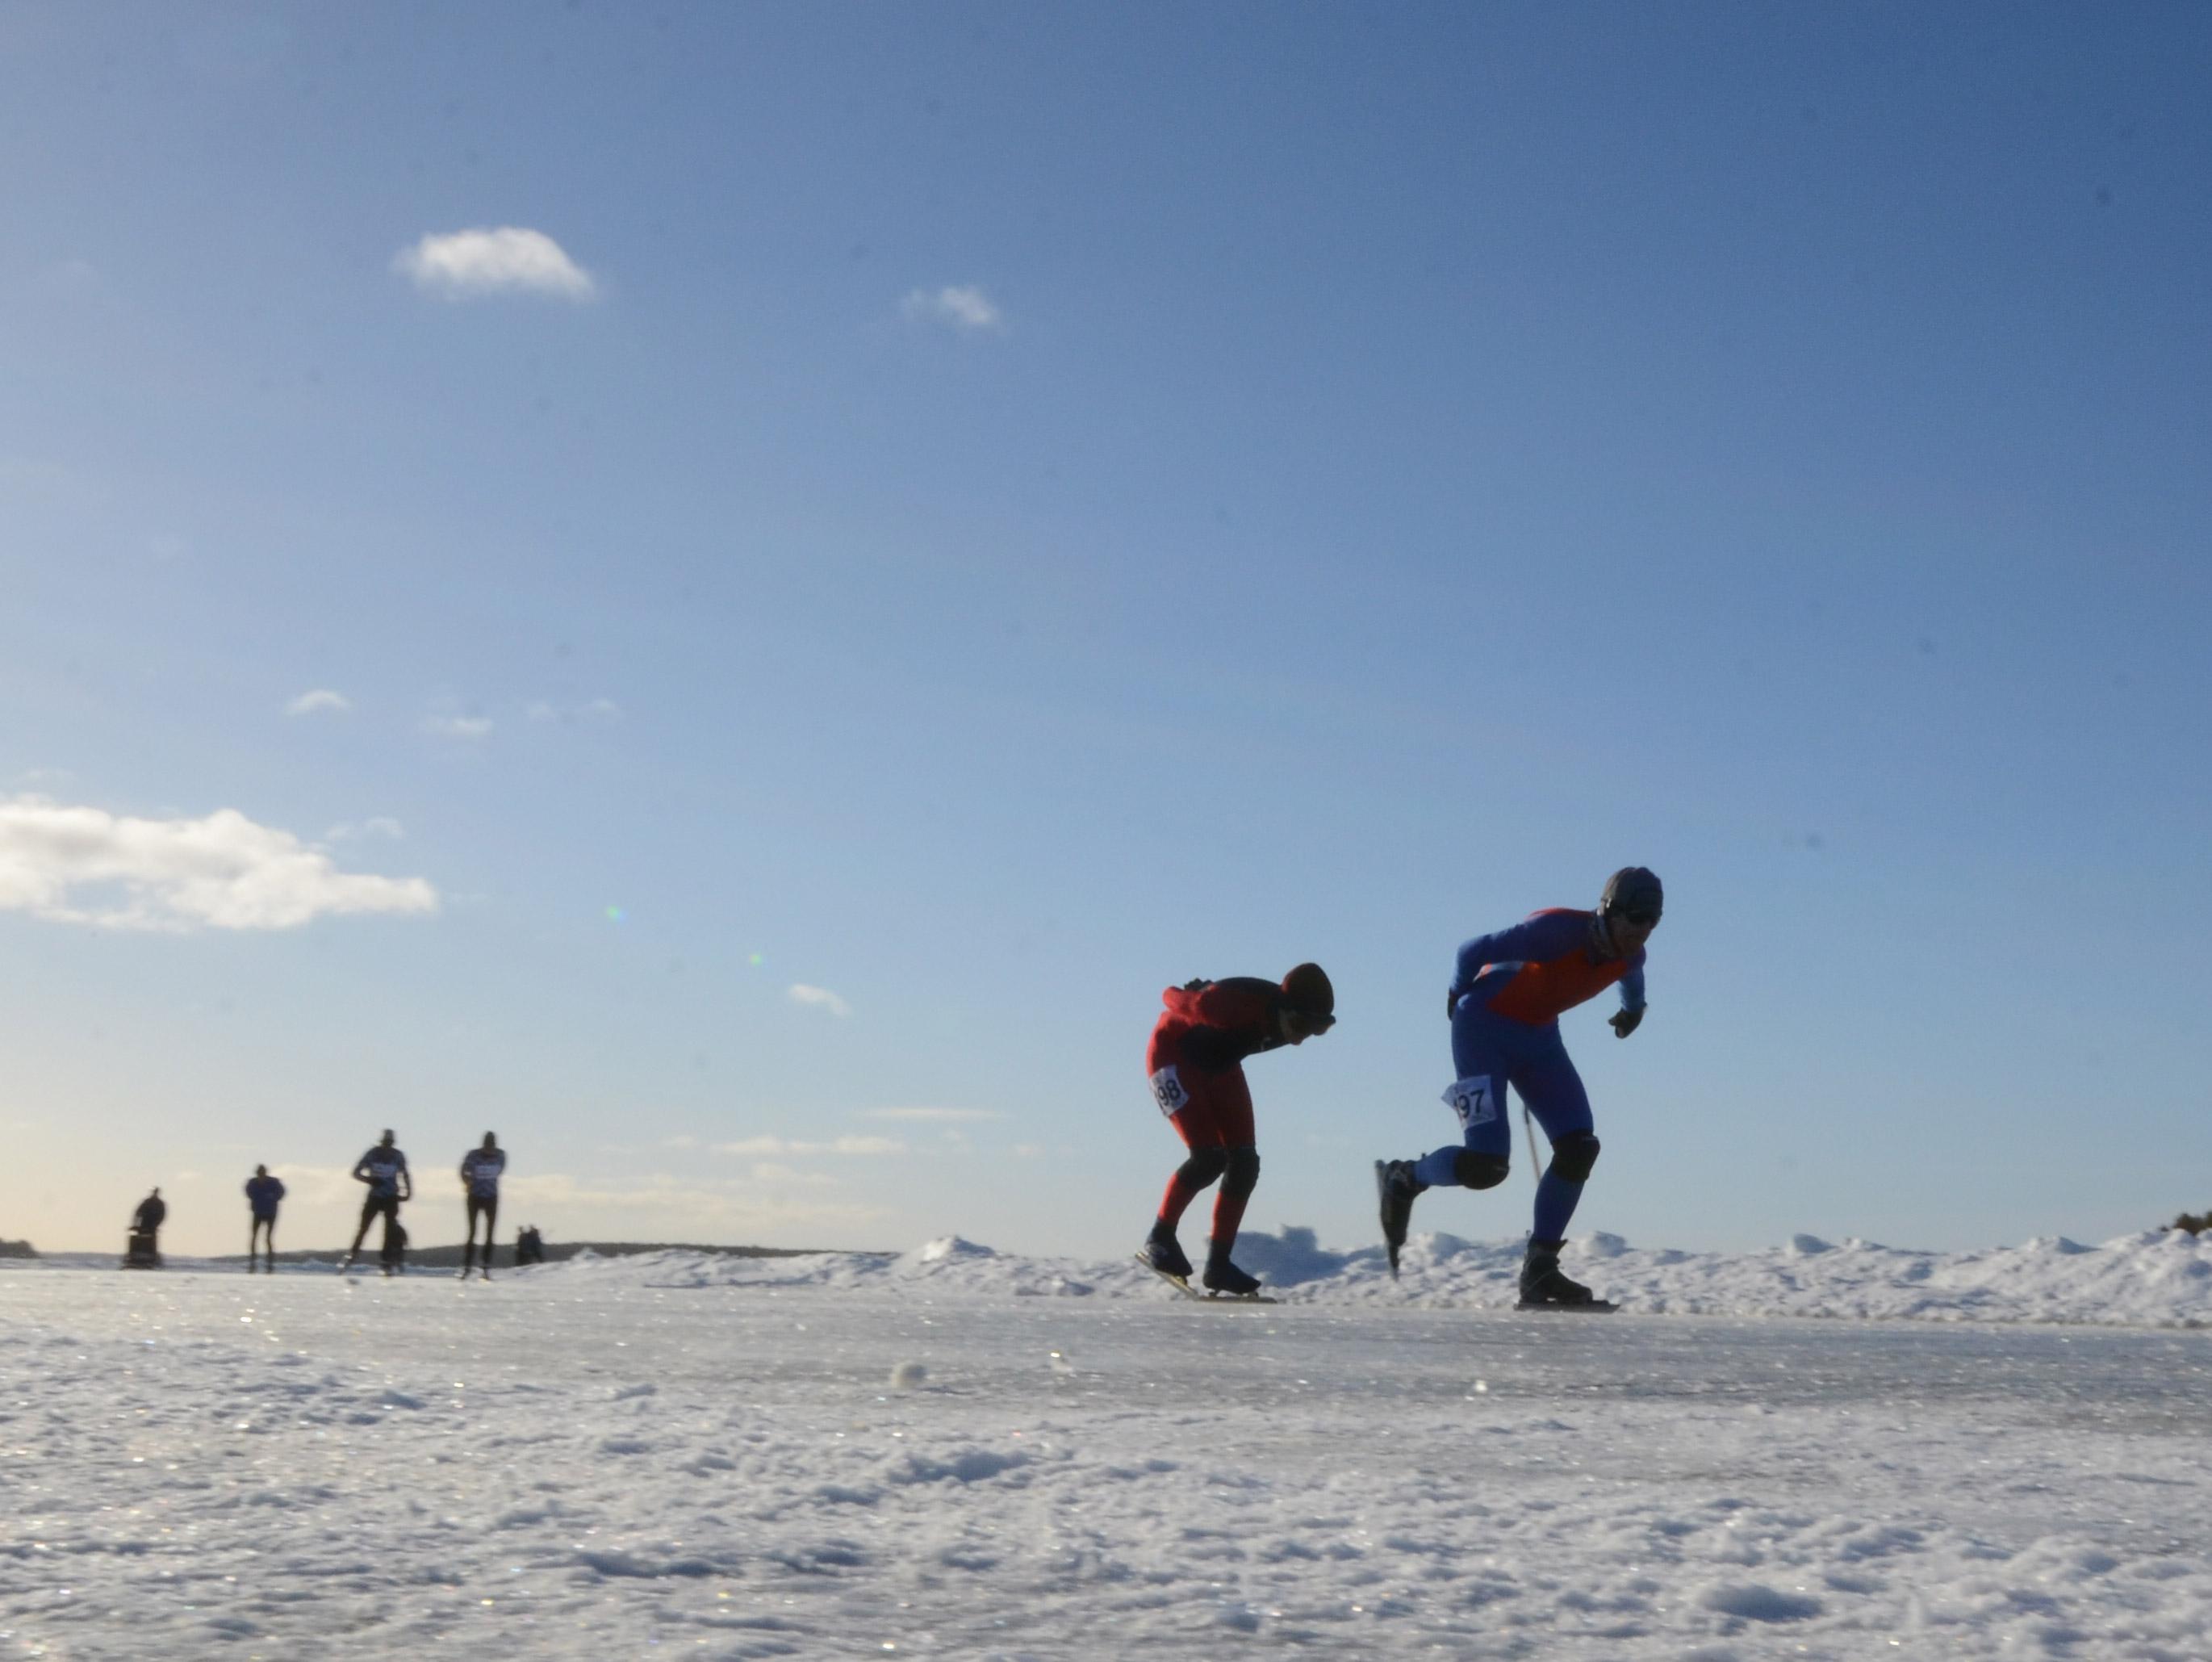 falun_schaats-routes8779